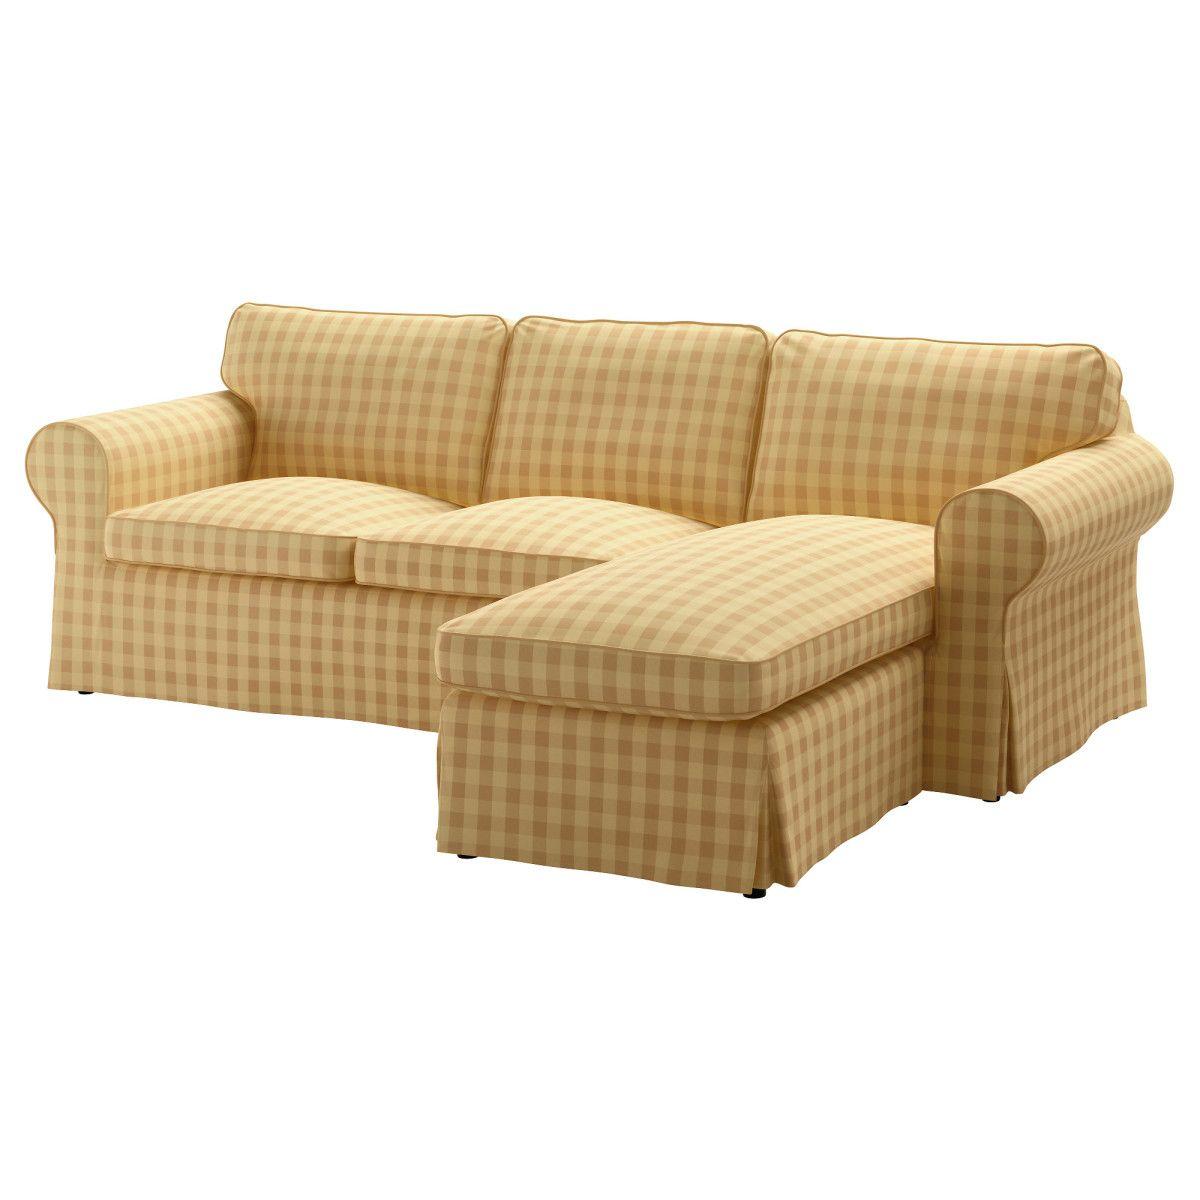 Faszinierend 2 Sitzer Sofa Mit Recamiere Sammlung Von Ektorp, 3er-sofa, Récamiere Skaftarp, Gelb Jetzt Bestellen